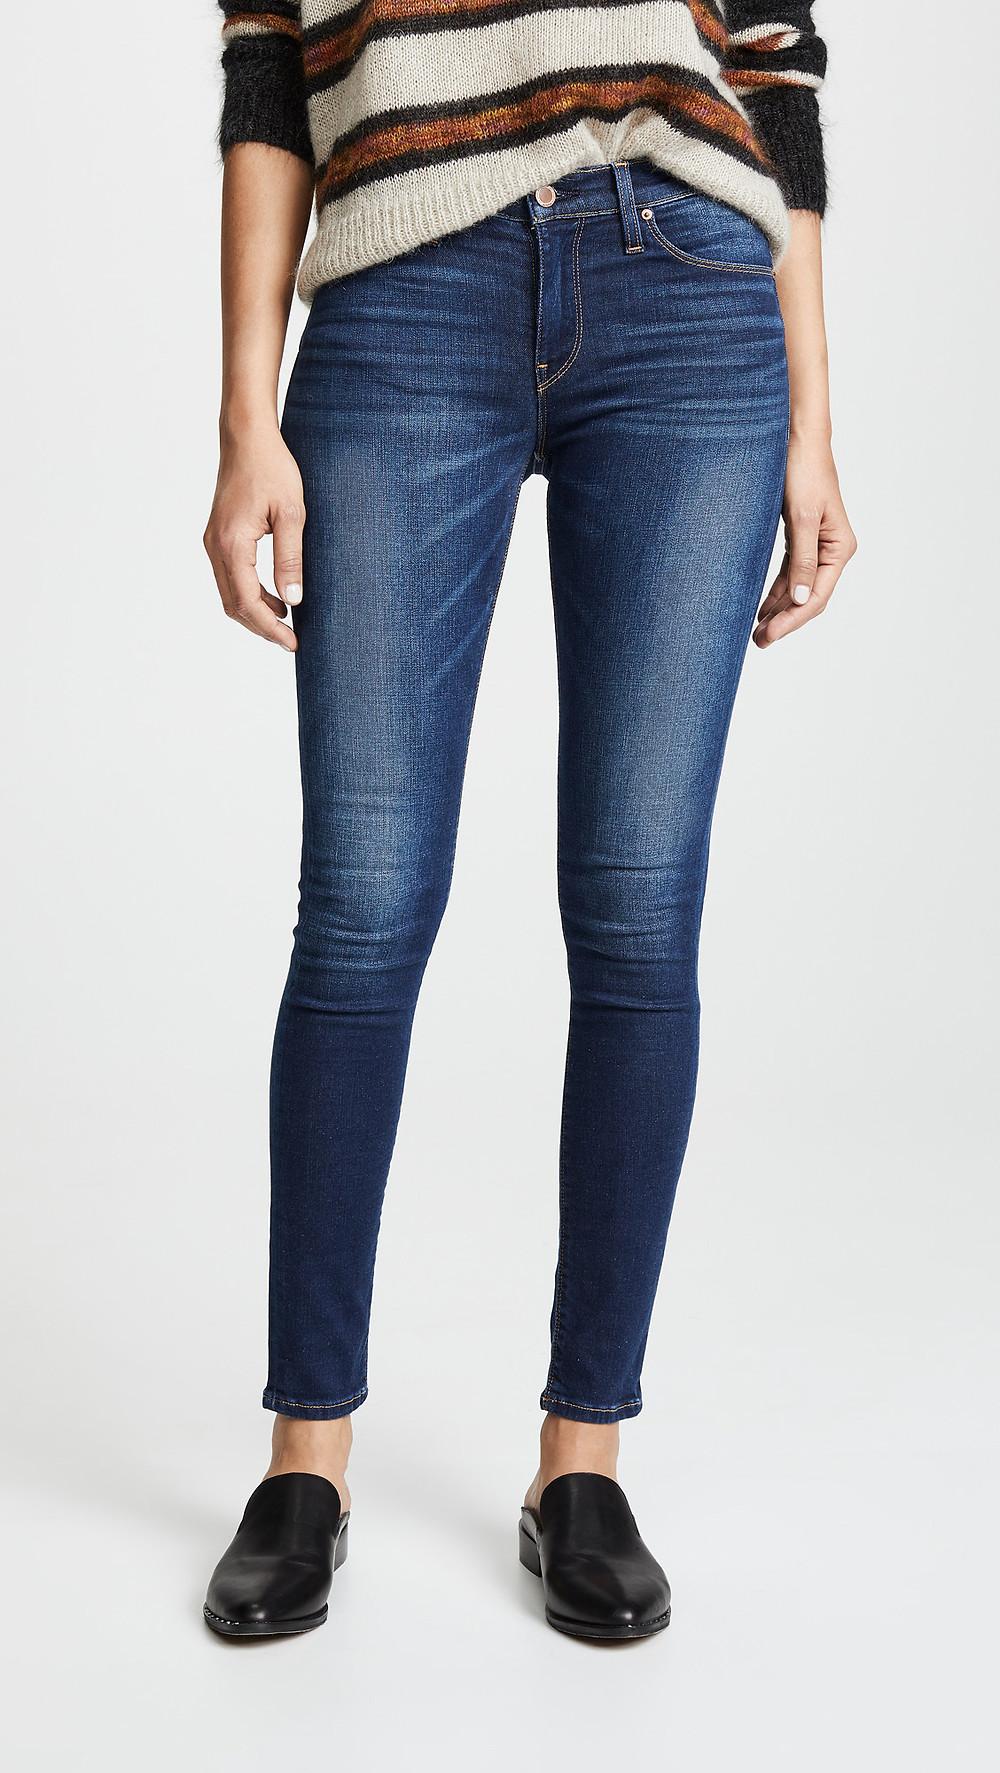 высветленные джинсы, потертые джинсы